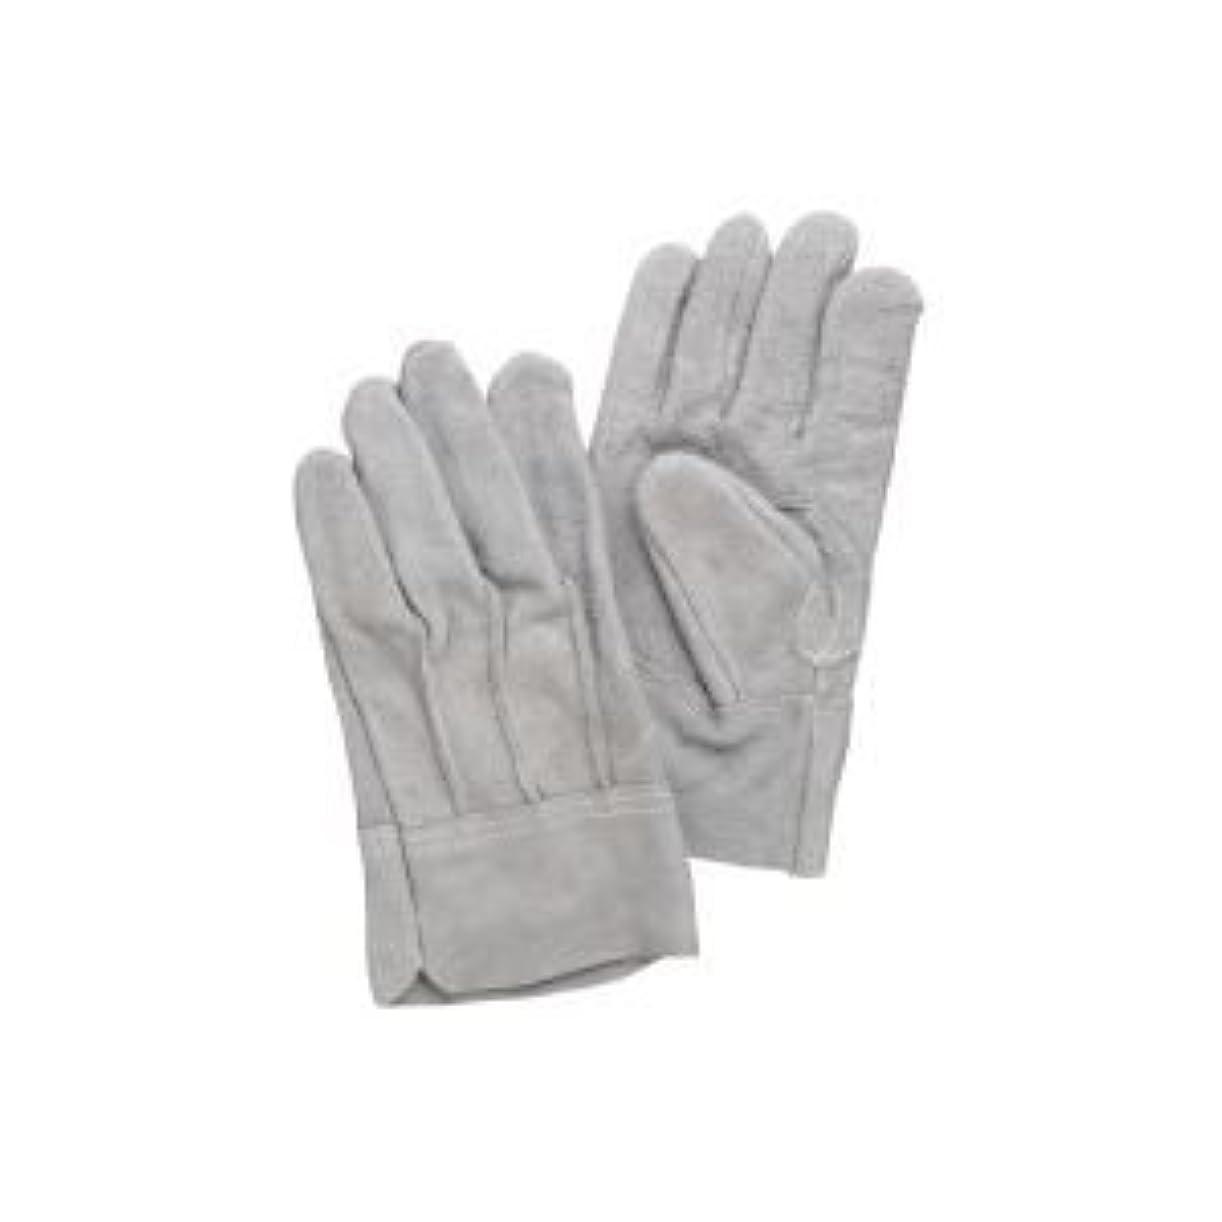 散る依存ジョージバーナード( お徳用 100セット ) 熱田資材 革手袋床革手袋 背縫い NO.11 グレー